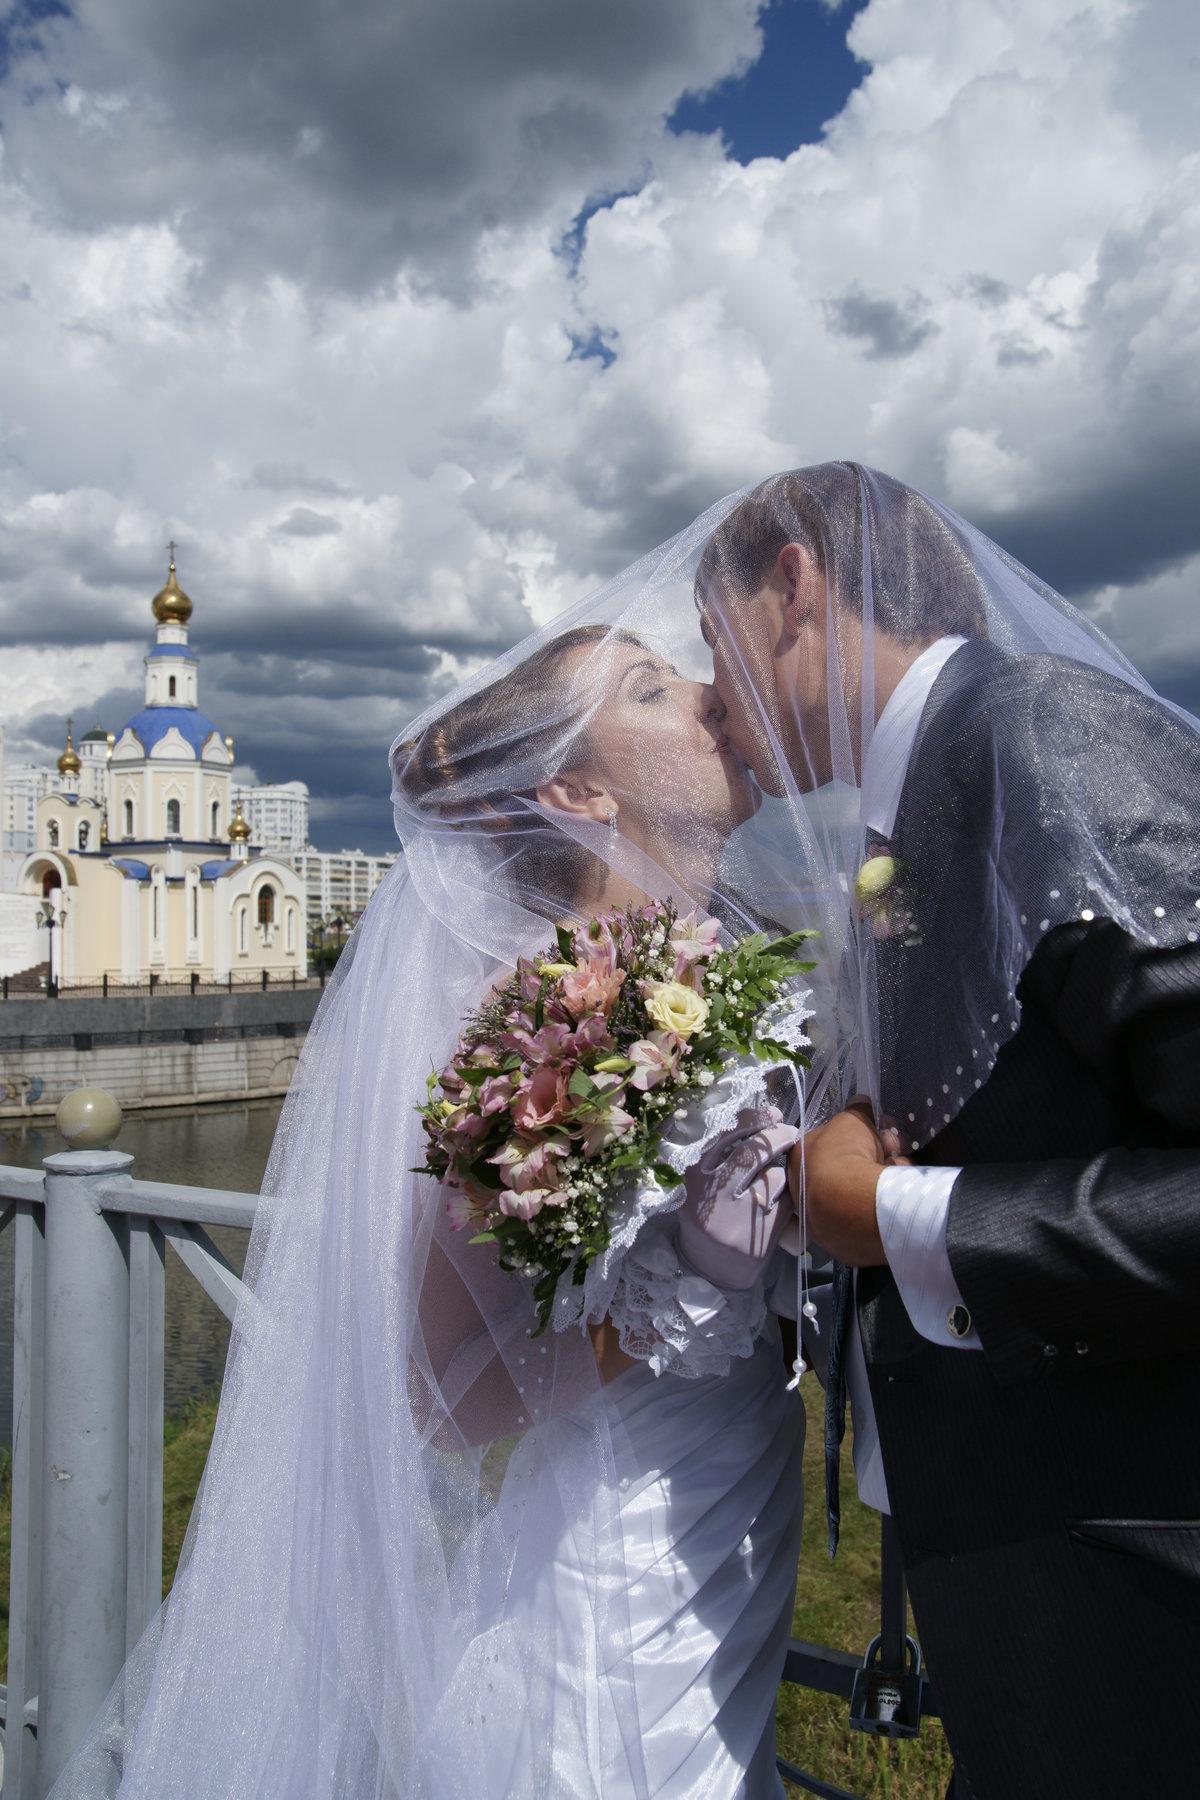 повелось, фото моей свадебной жены множественными